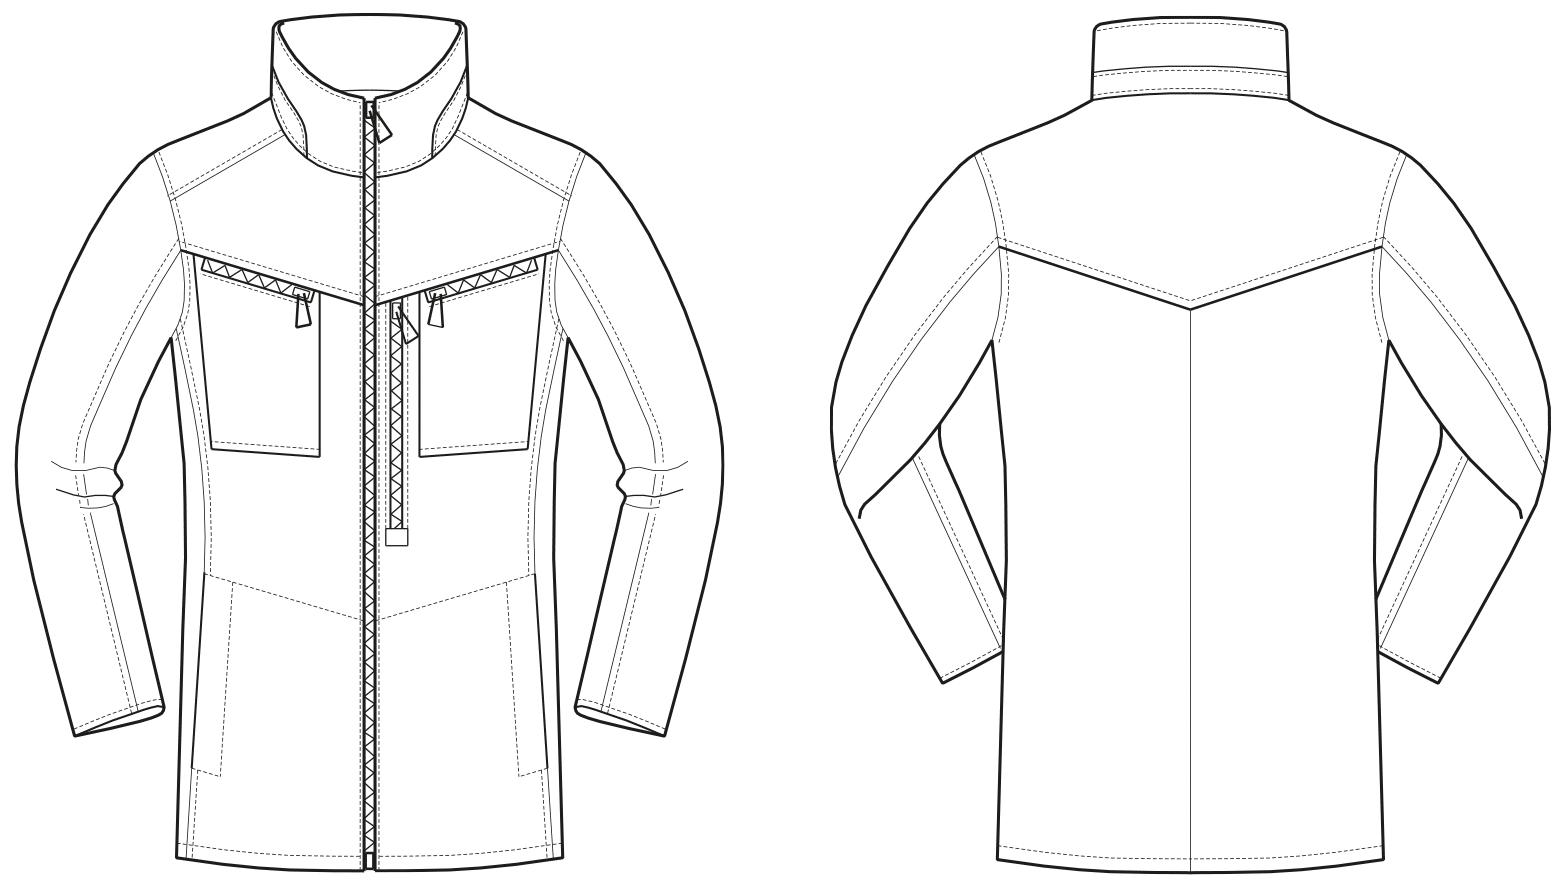 Das Foto zeigt die Vorder-und Rückansicht einer technischen Zeichnung von einer Jacke mit Reißverschlüssen. Sie dient als Vorlage für die Schnittkonstruktion.